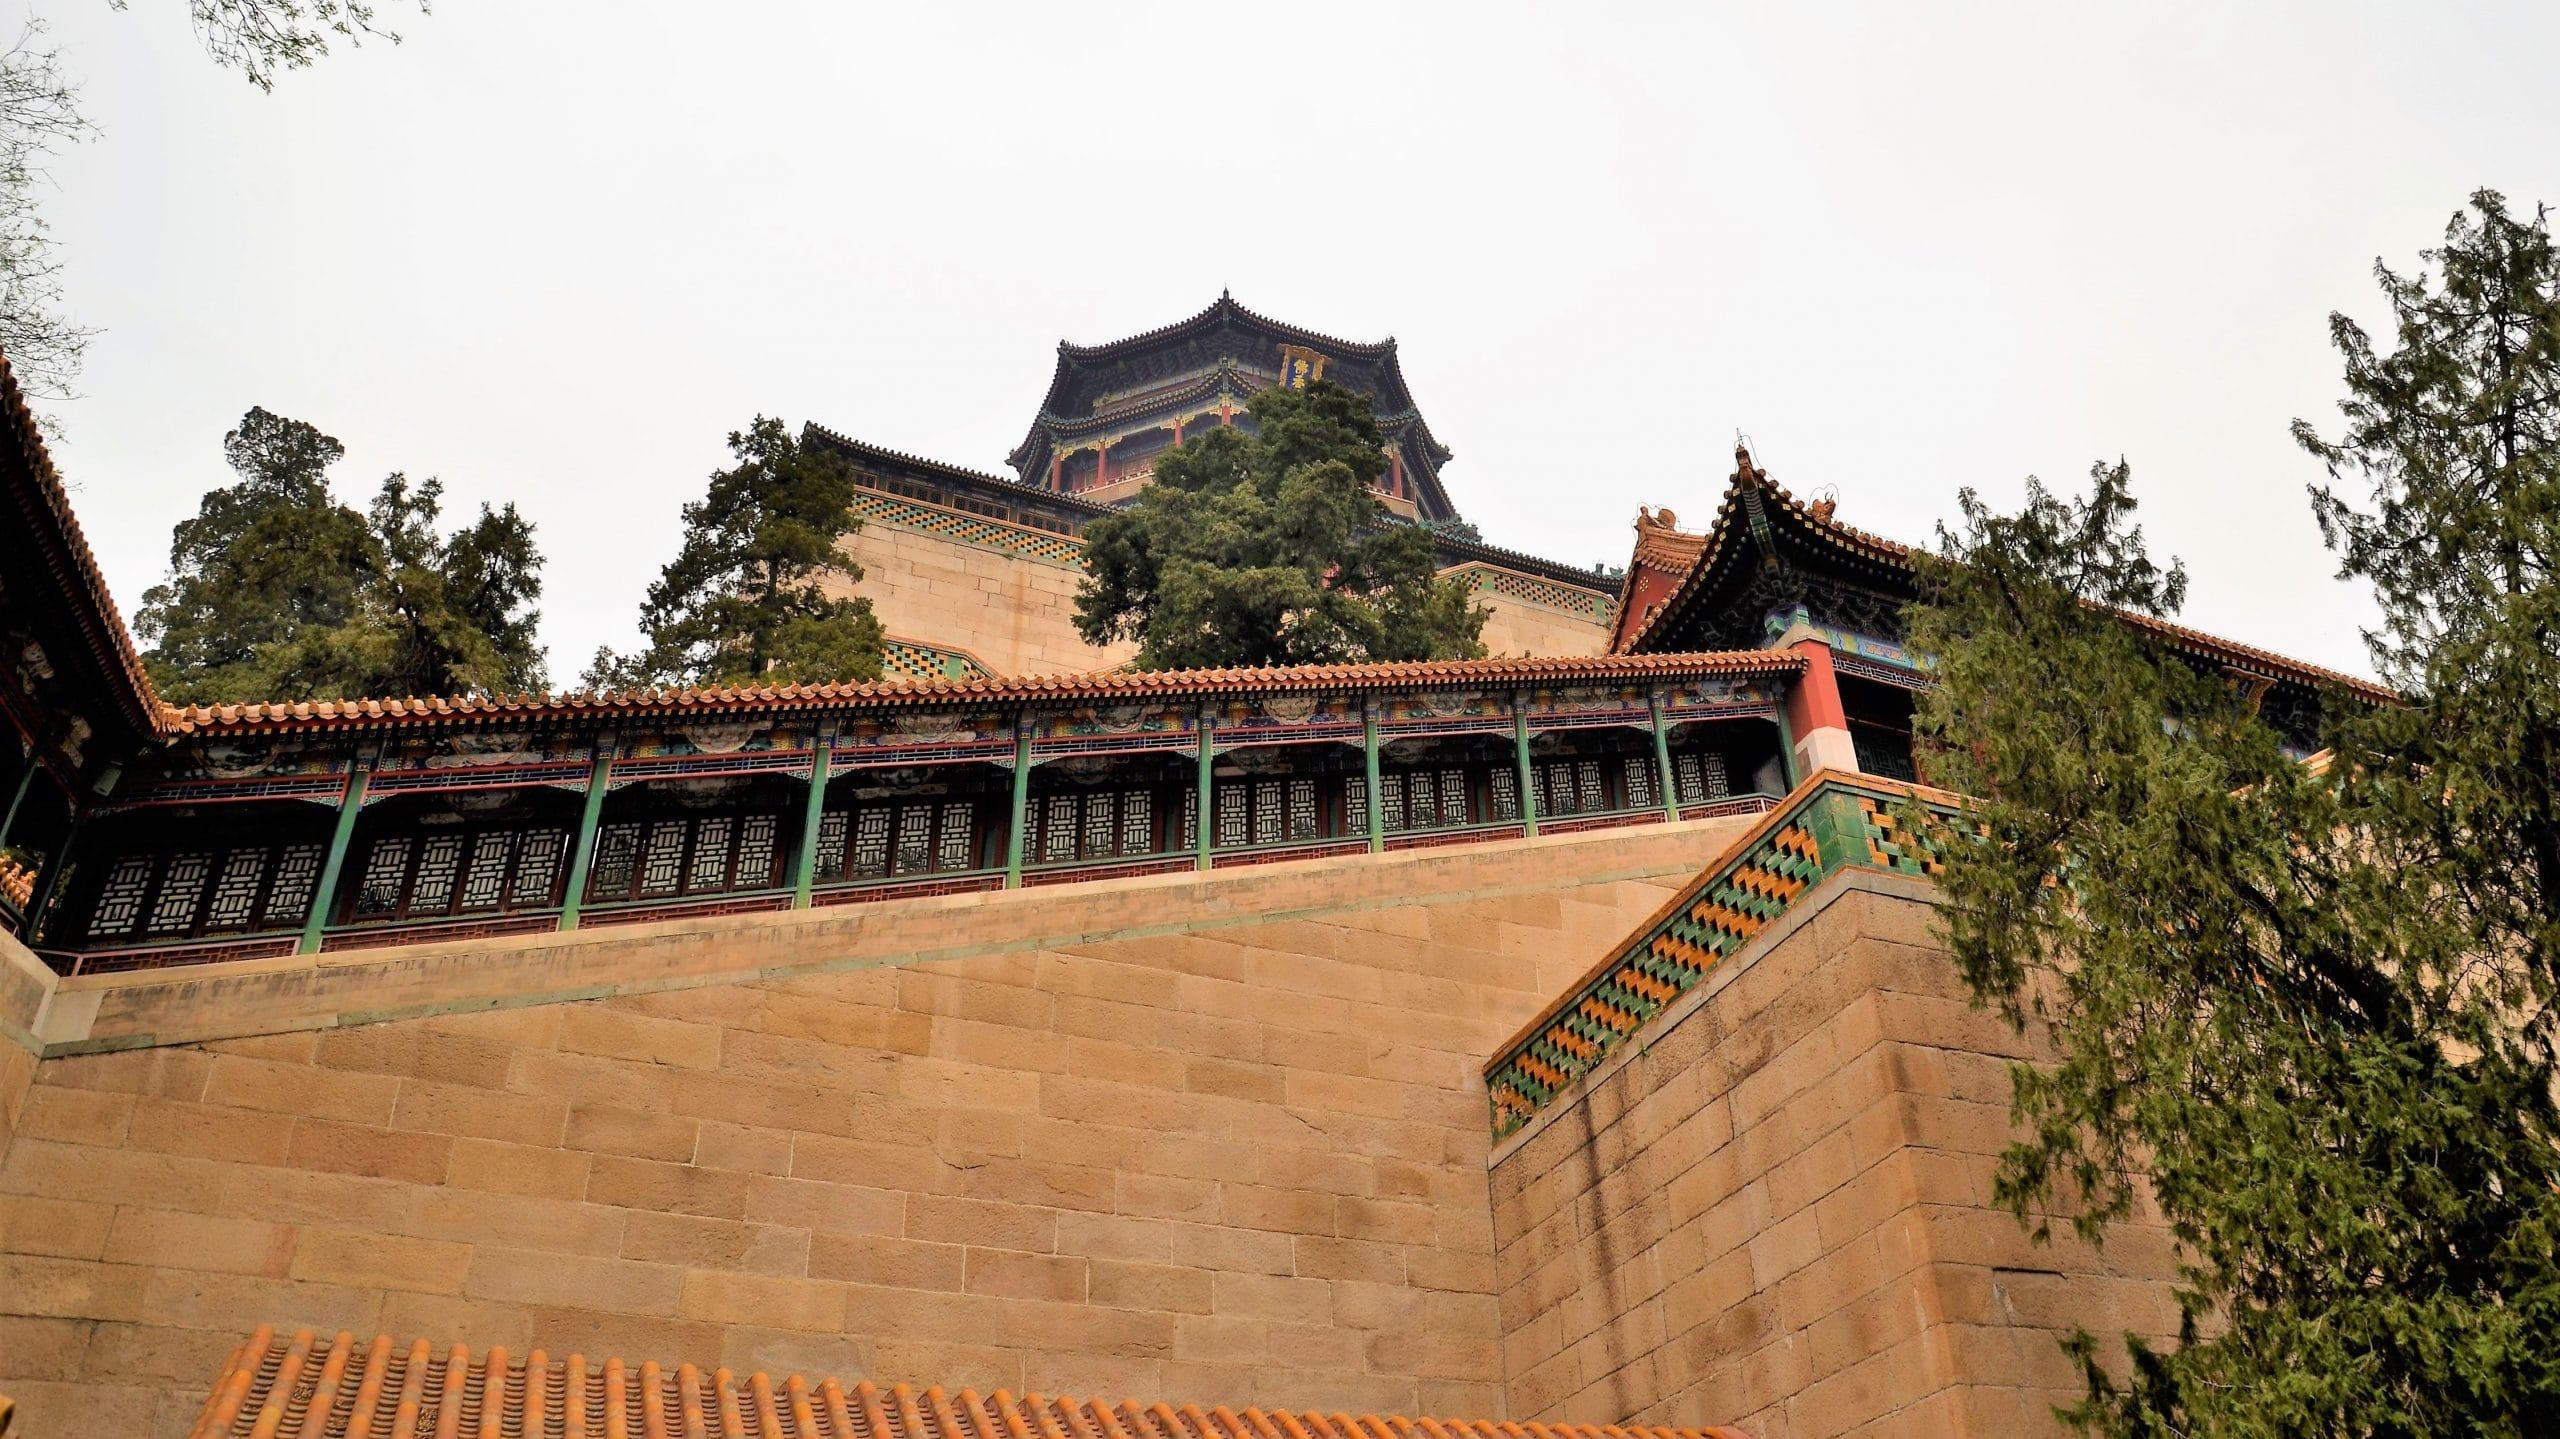 Sommerpalast Peking  - die Treppen nach oben